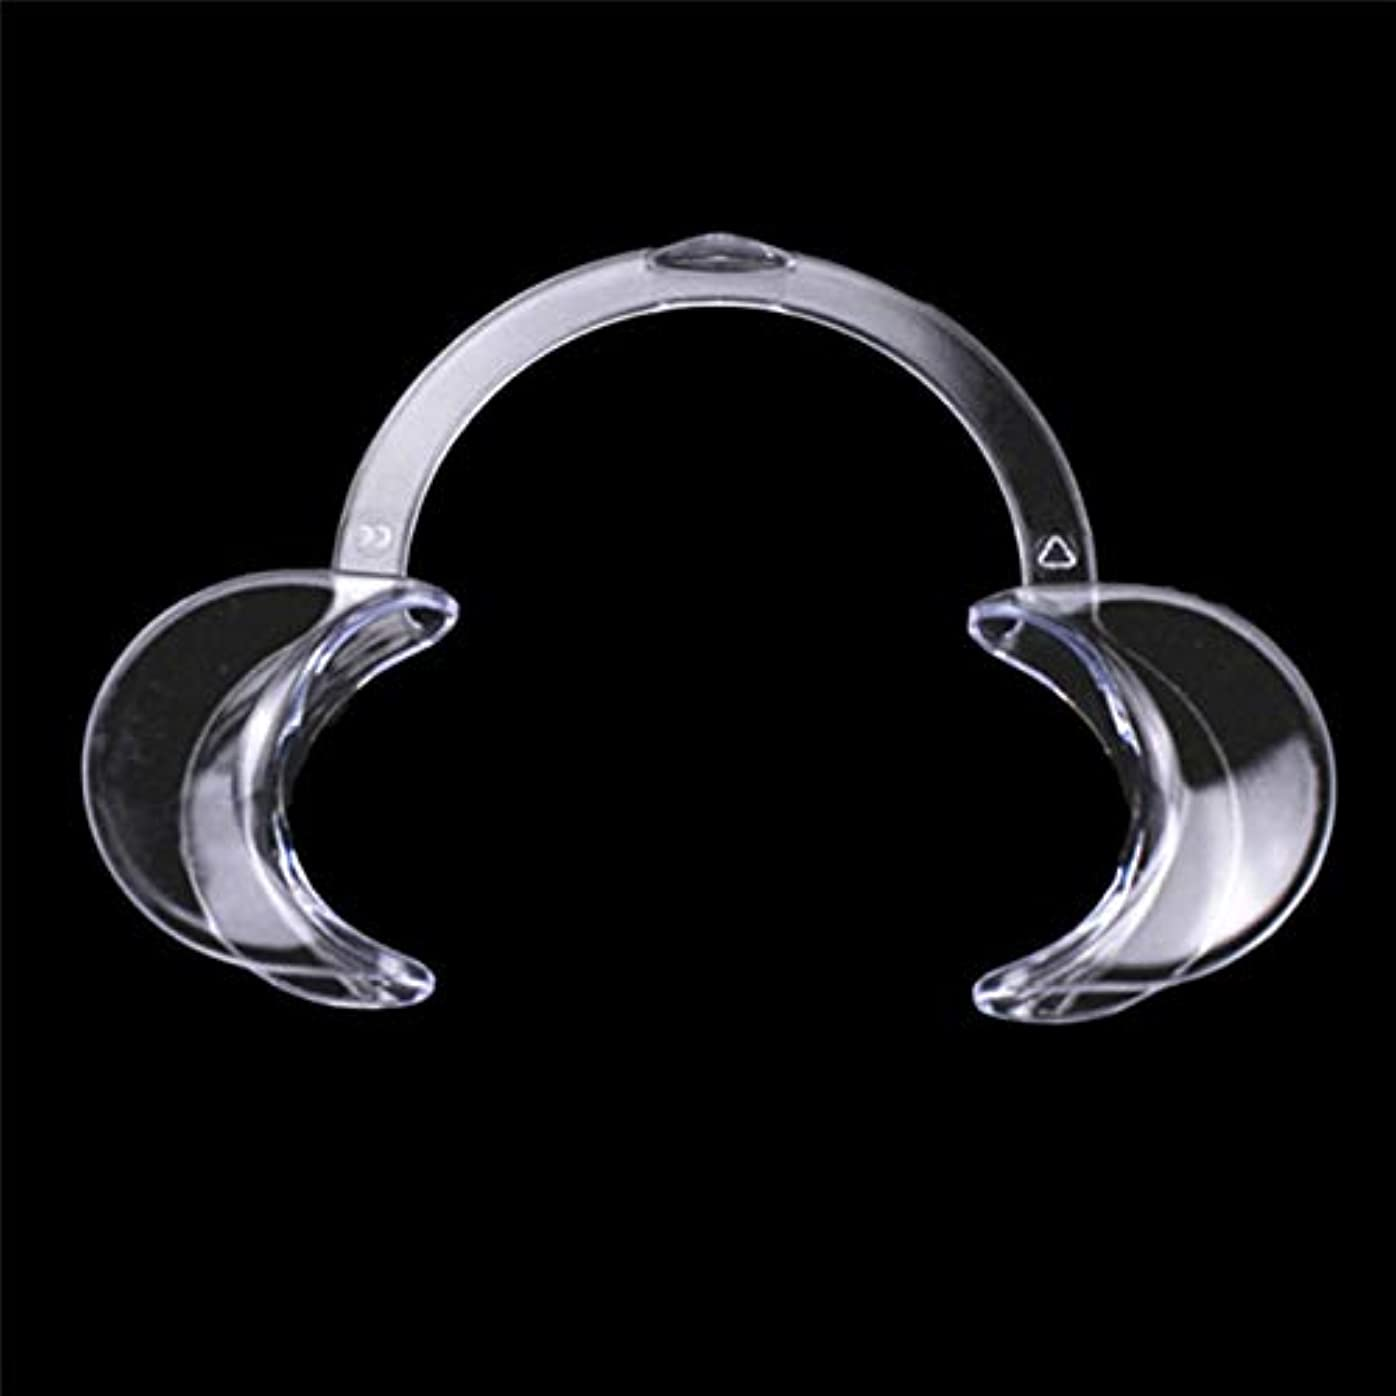 啓示ホスト路地DC パック 歯科 C型 開口器 口オープナー マウスオープナー 開口マウスオープナー C型ホワイトニング口の開創器